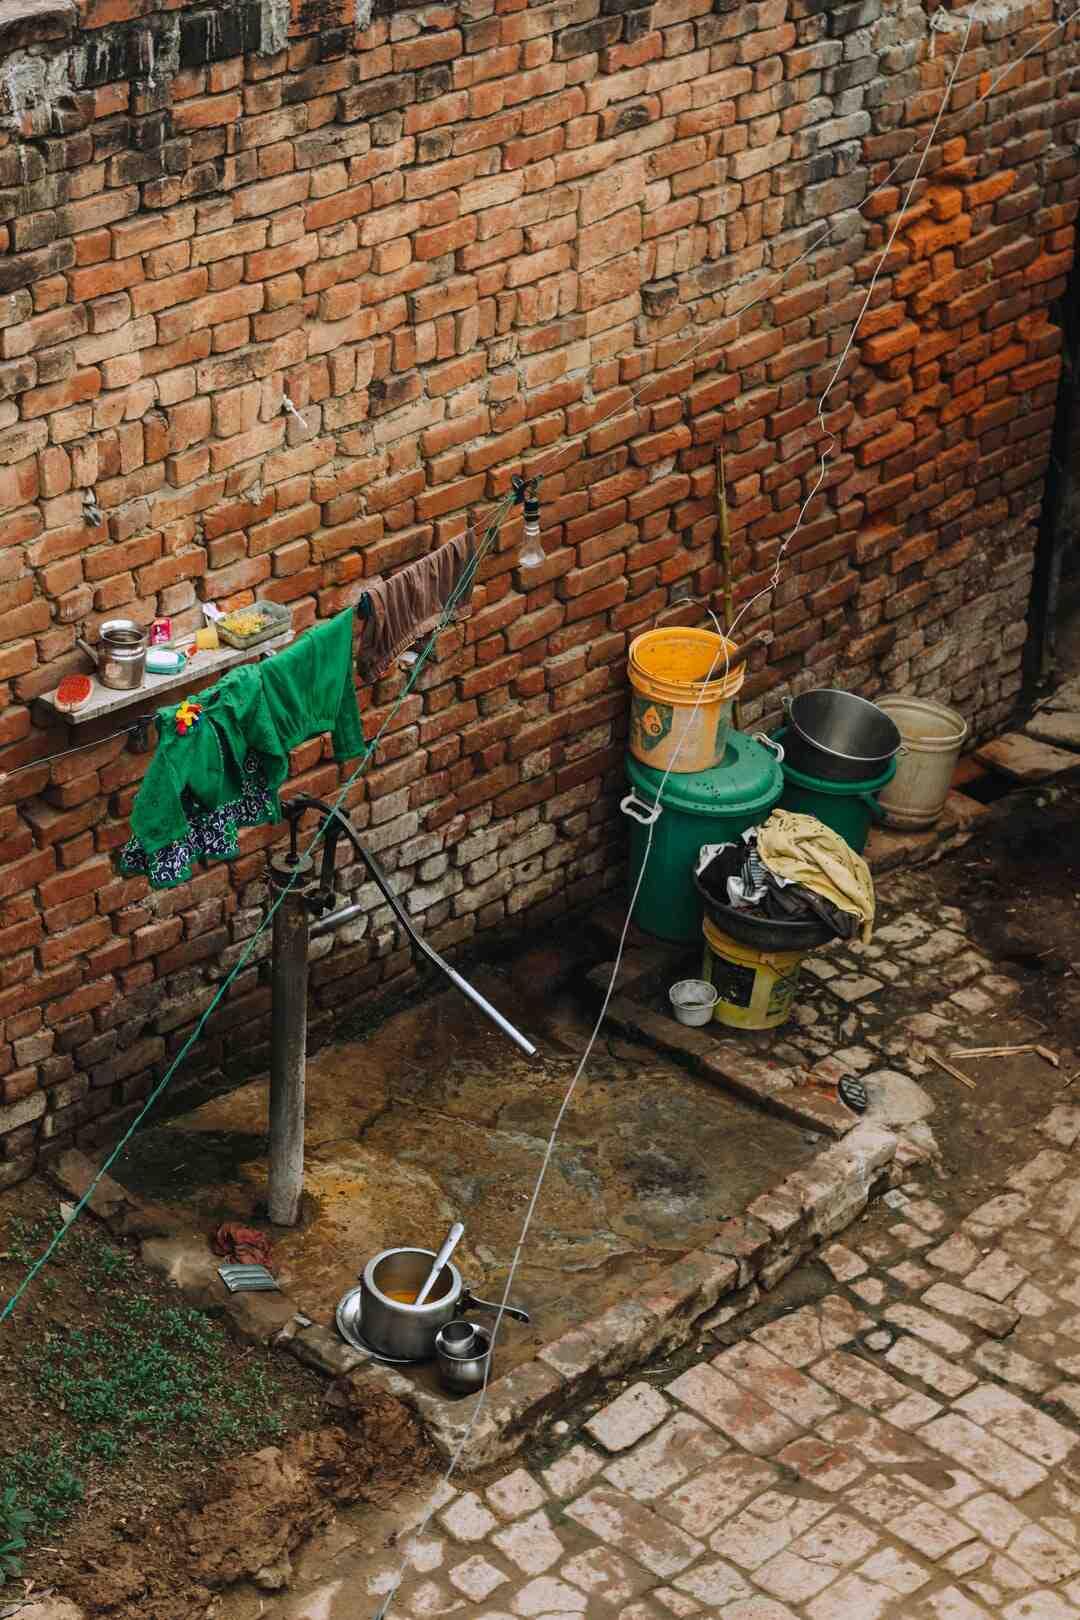 Comment savoir si la pompe à eau est morte ?